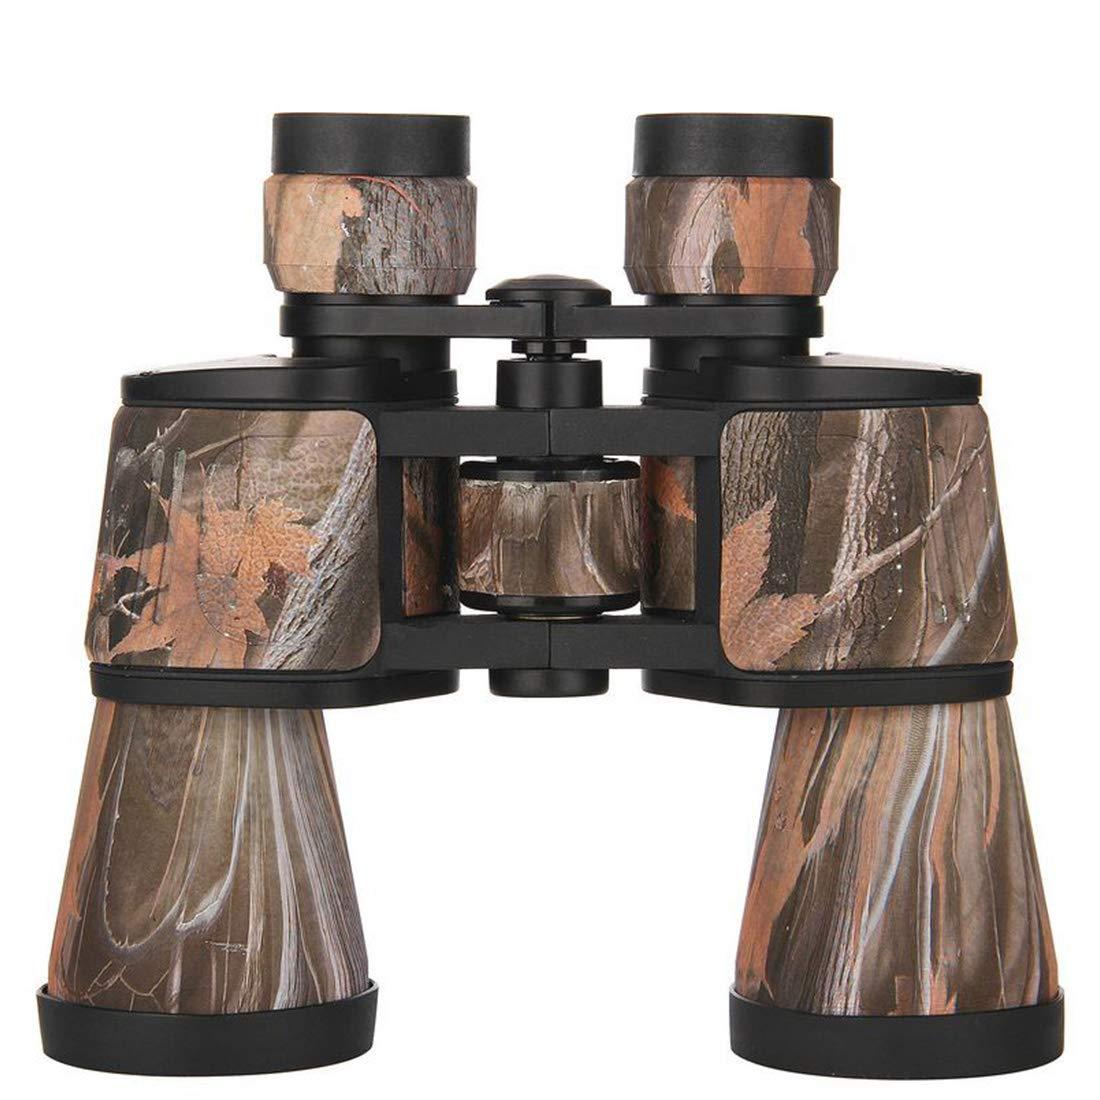 最先端 LINAN 10x50 屋外双眼鏡 大人用 耐久性 クリア バードウォッチング 屋外双眼鏡 クリア 観光 スポーツイベント用 LINAN コンサート B07JYX5ZZY, ワットマン:2044a054 --- a0267596.xsph.ru